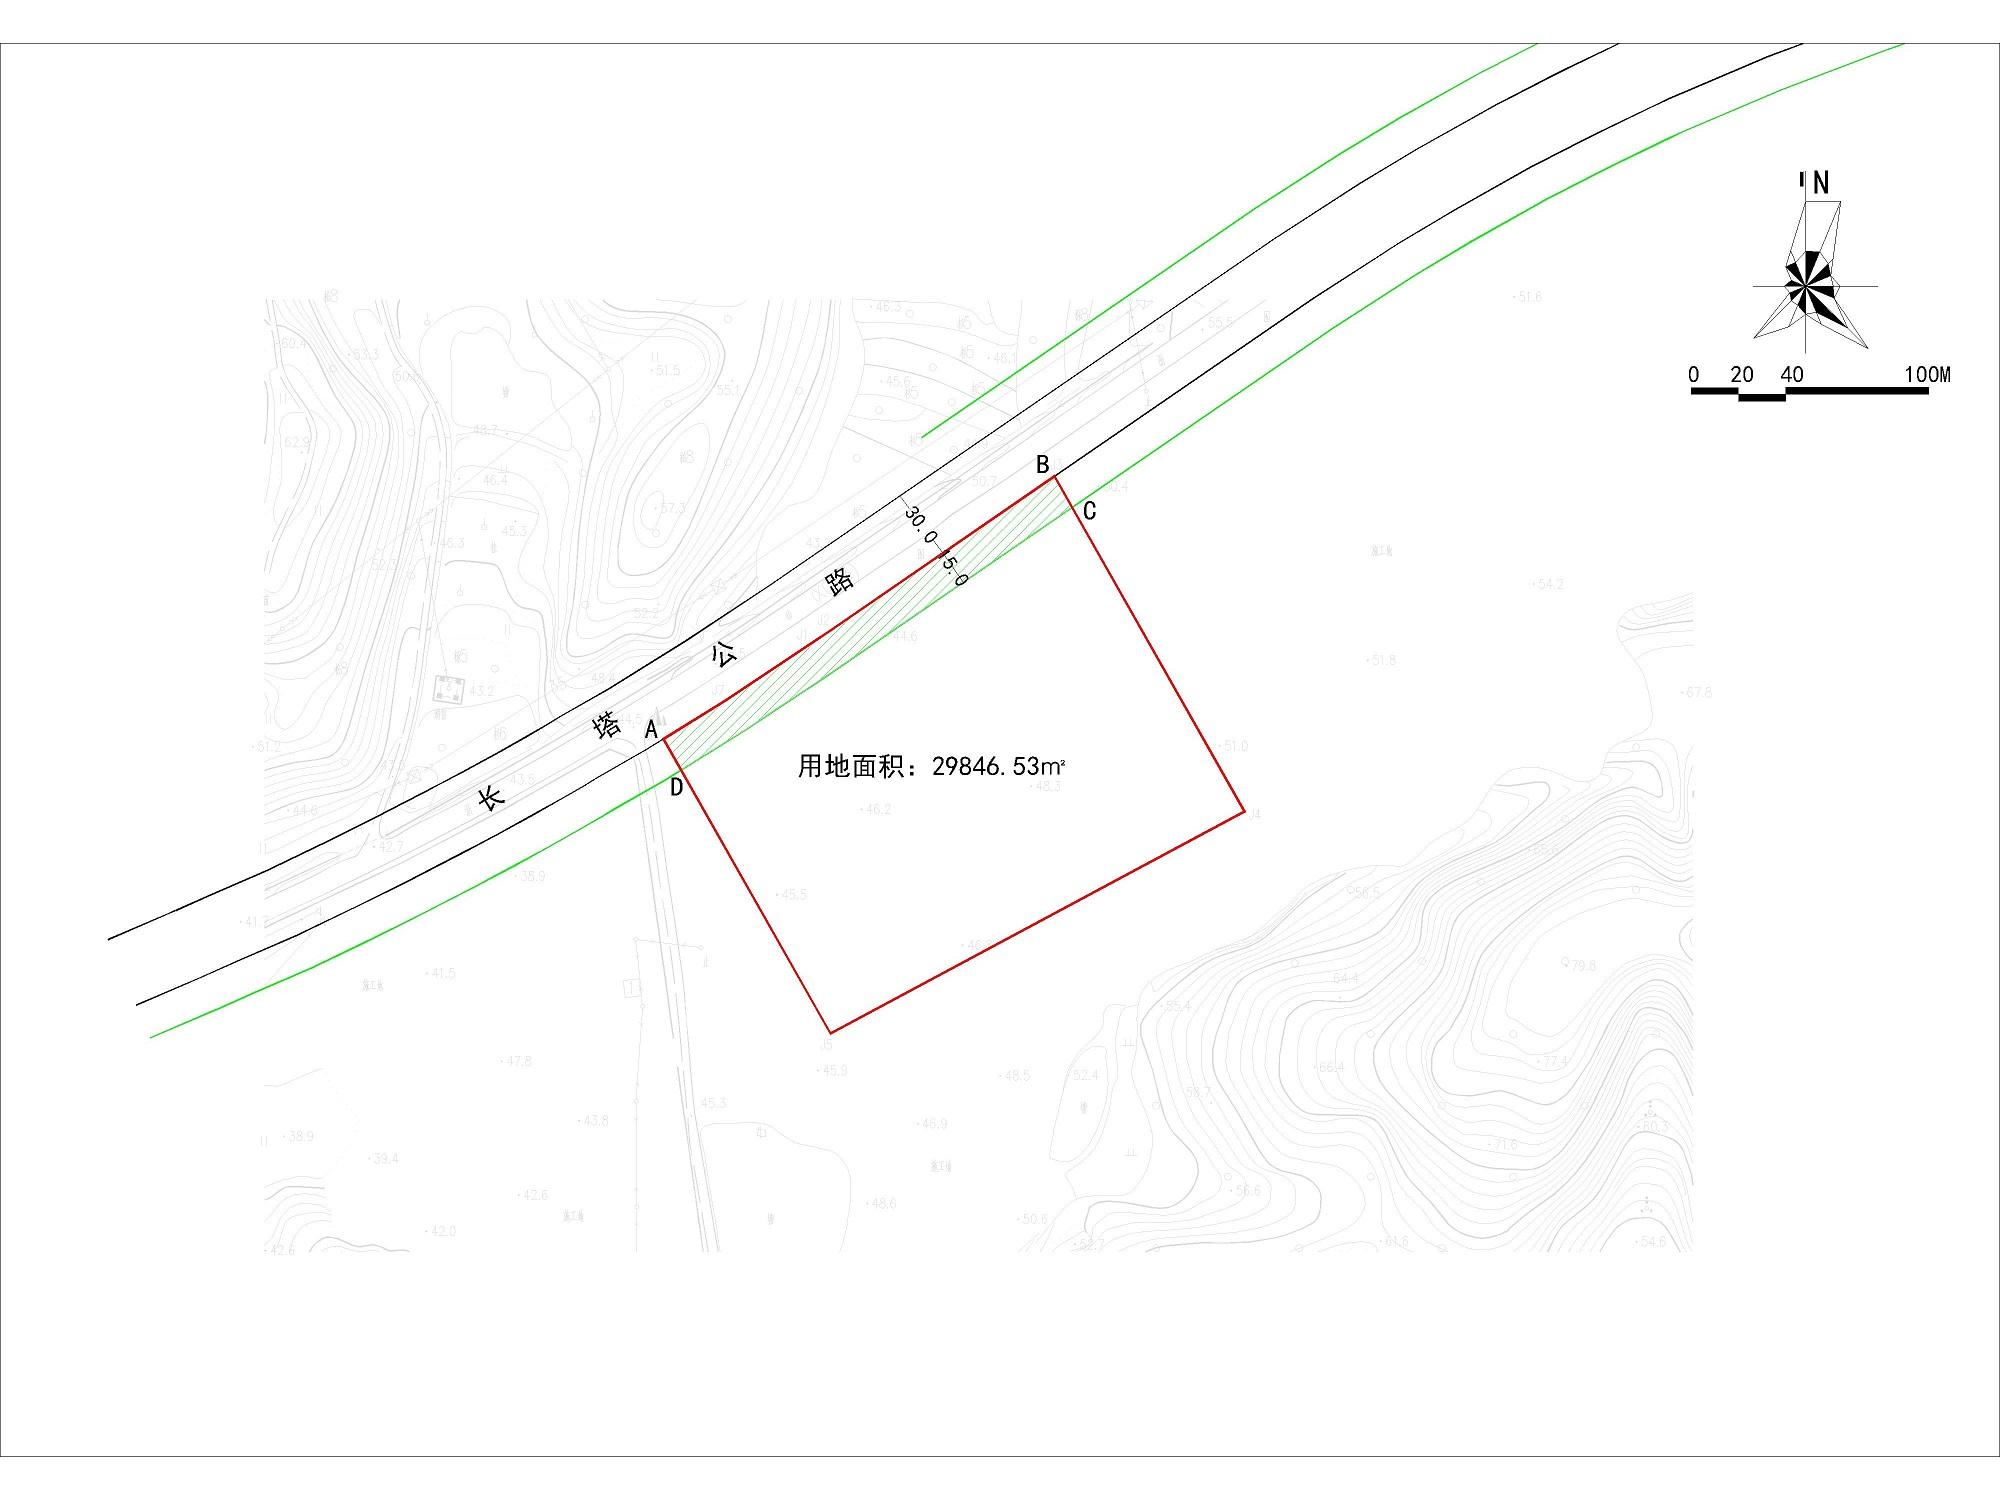 关于木兰山风景区入口服务区建设工程(综合服务区及停车场)二期项目